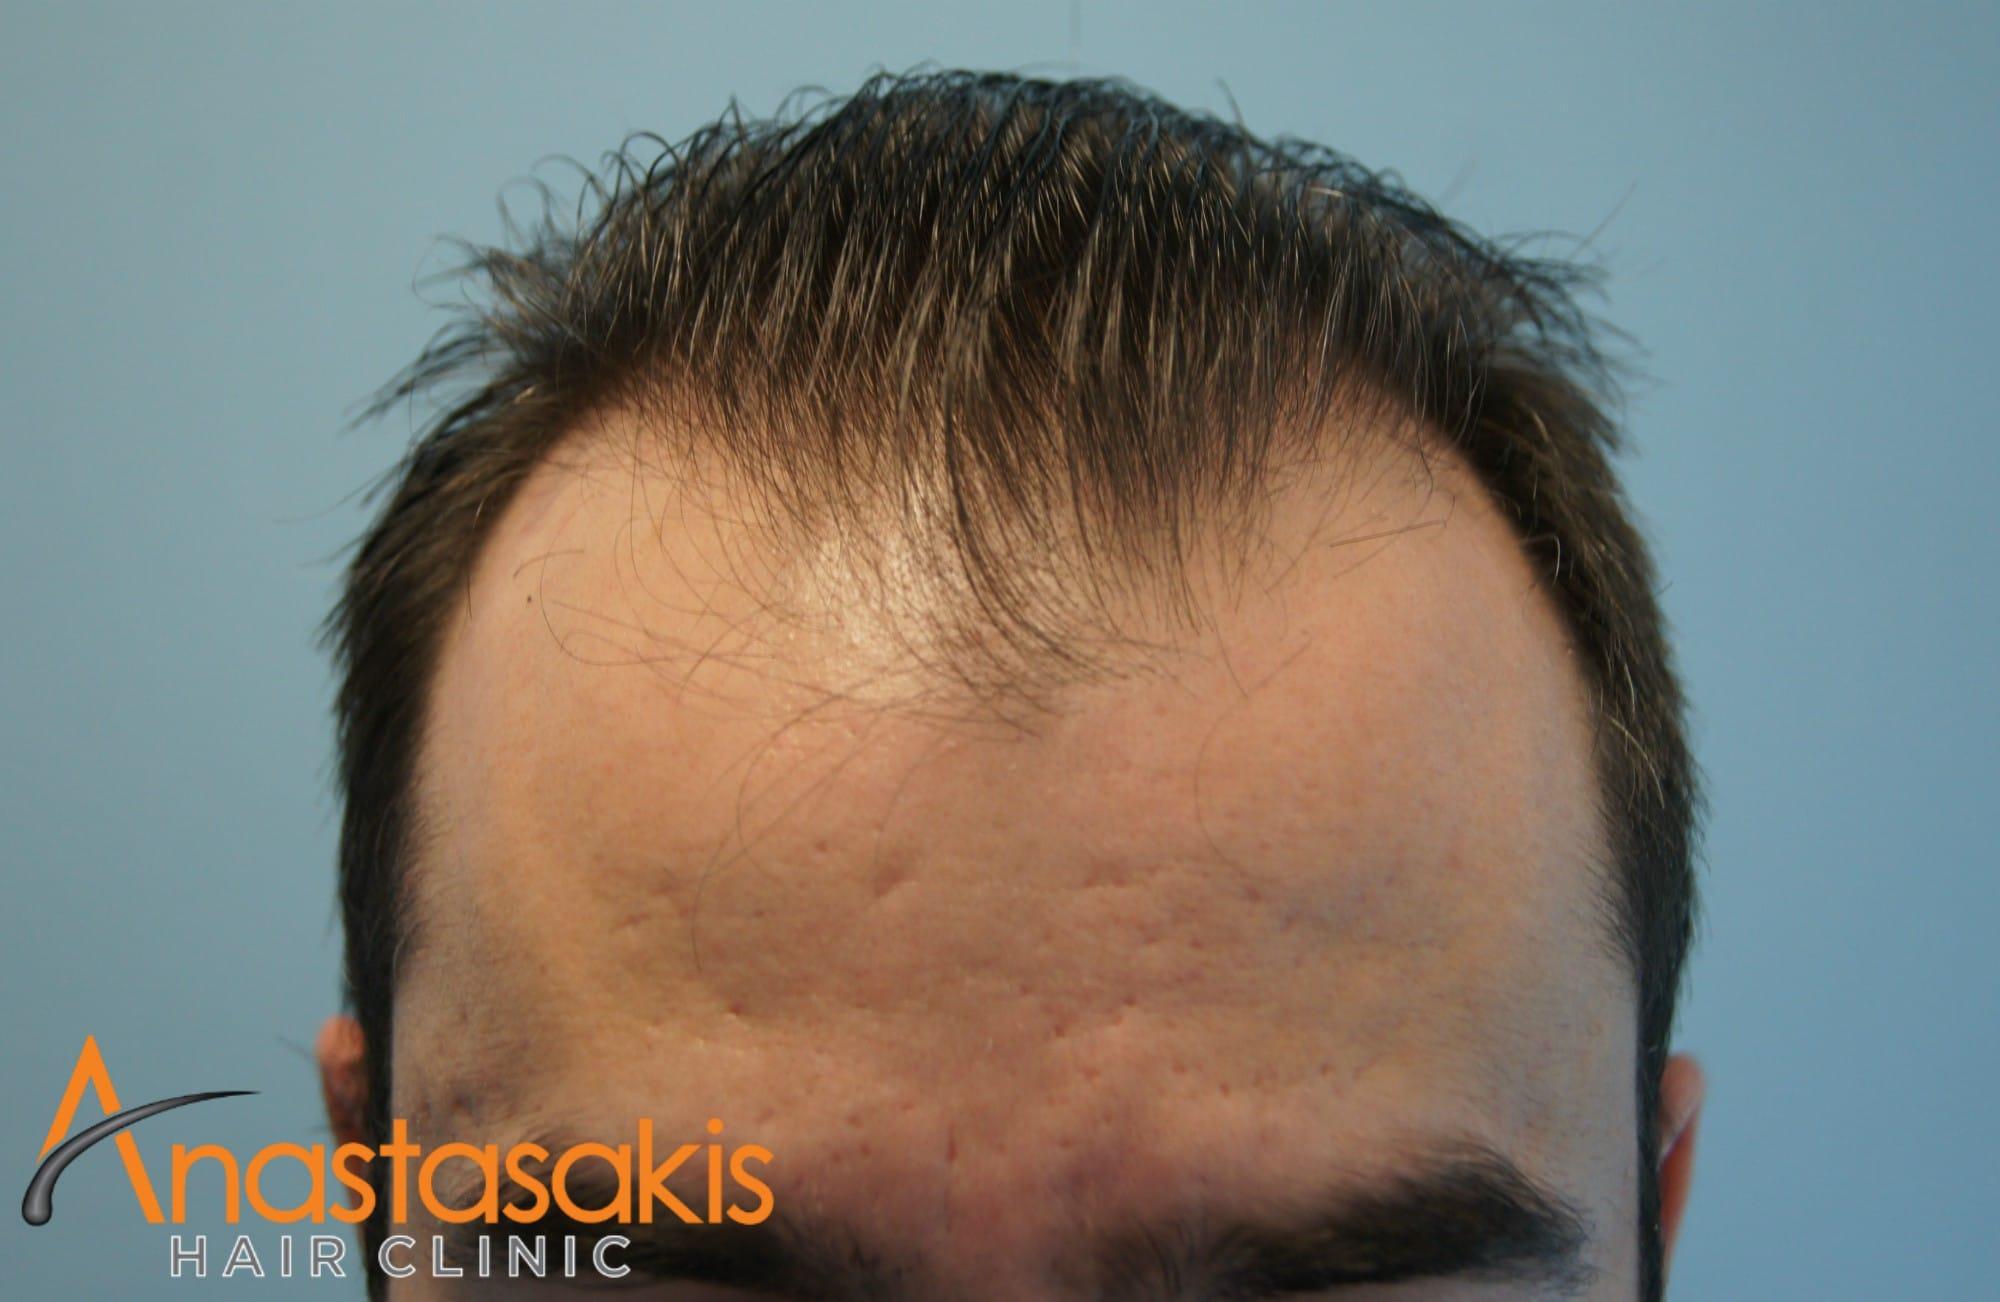 ανφας ασθενους πριν τη μεταμοσχευση μαλλιων με 2500fus